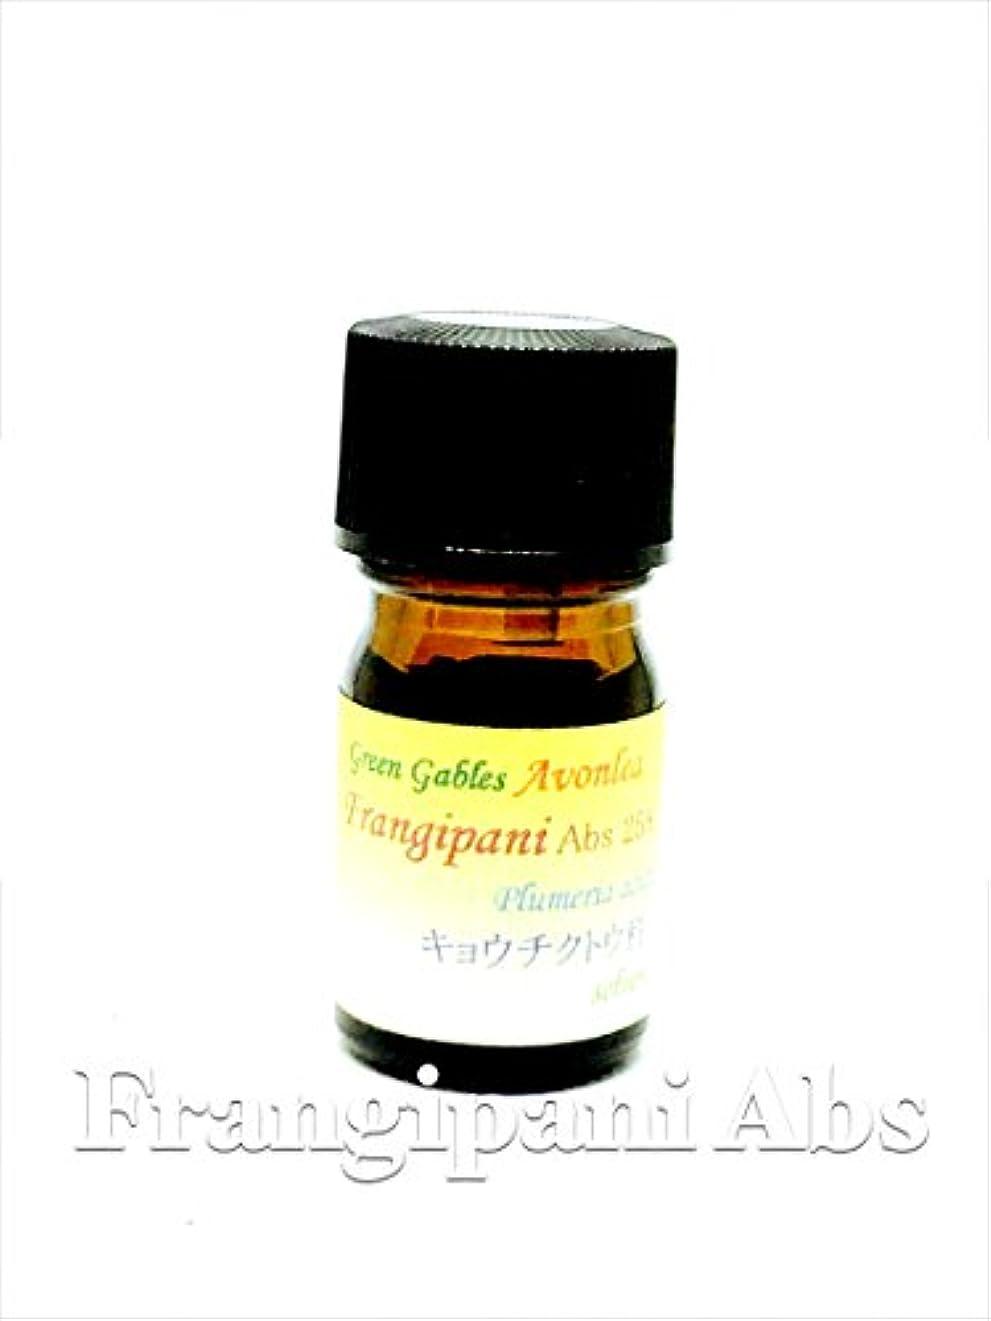 きらめくタヒチ堀フランジュパ二Abs ピュアエッセンシャルオイル精油 (プルメリアAbs) (30ml)